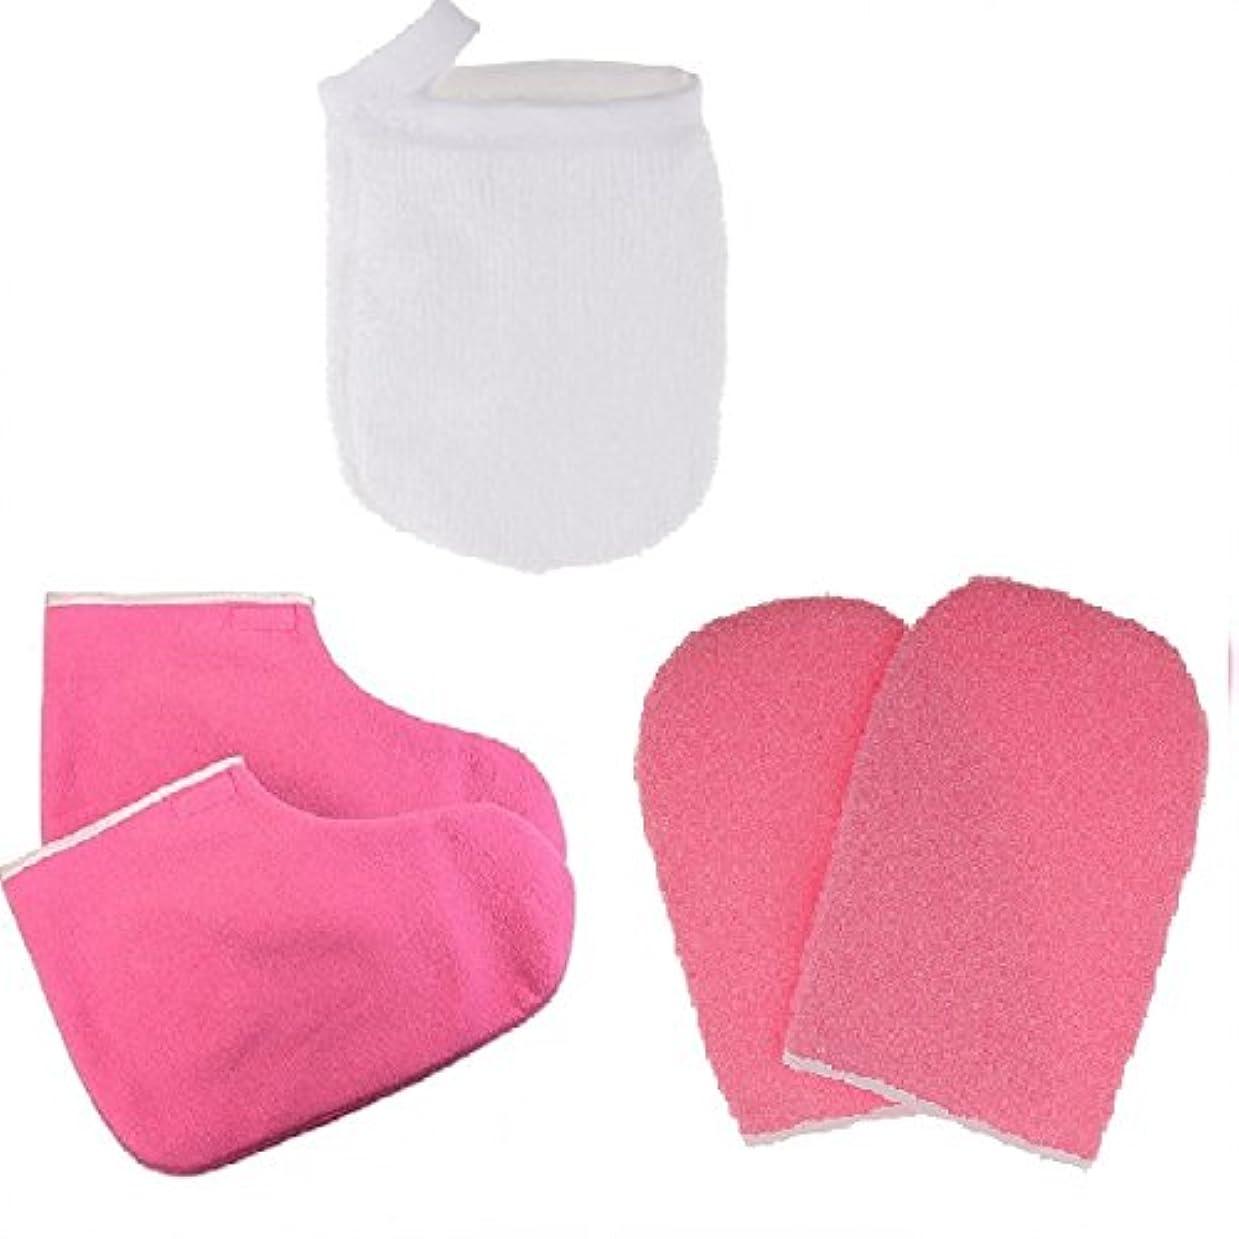 とても線研究B Blesiya グローブ パラフィンワックス保護手袋 メイクリムーバー パッド パラフィンワックス手袋